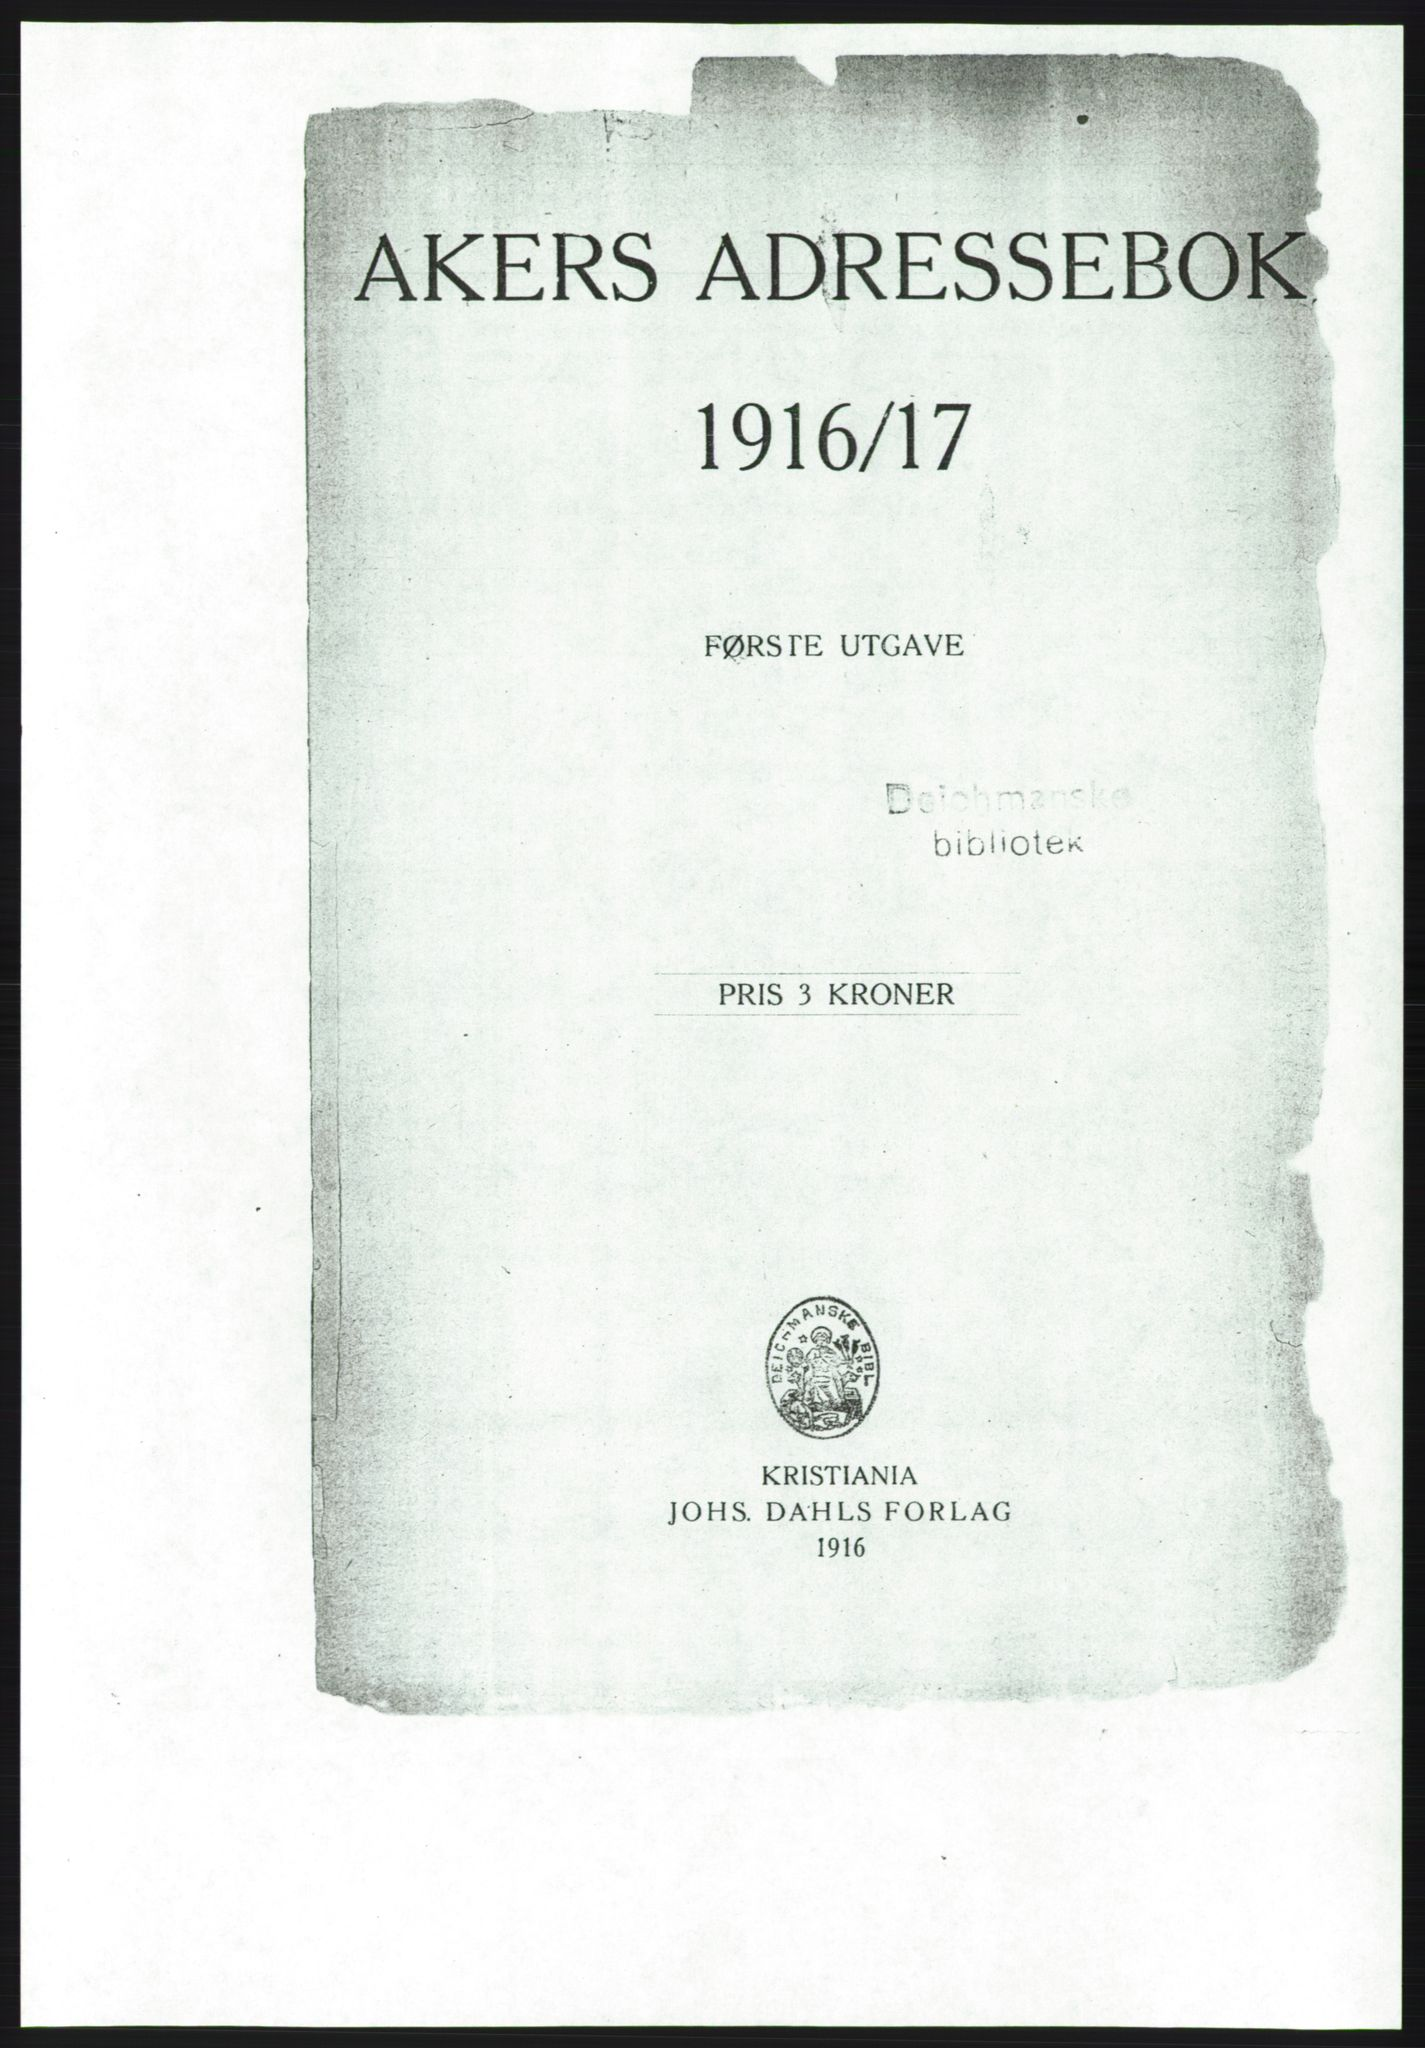 RA, Aker adressebok/adressekalender (publikasjon)*, 1916-1917